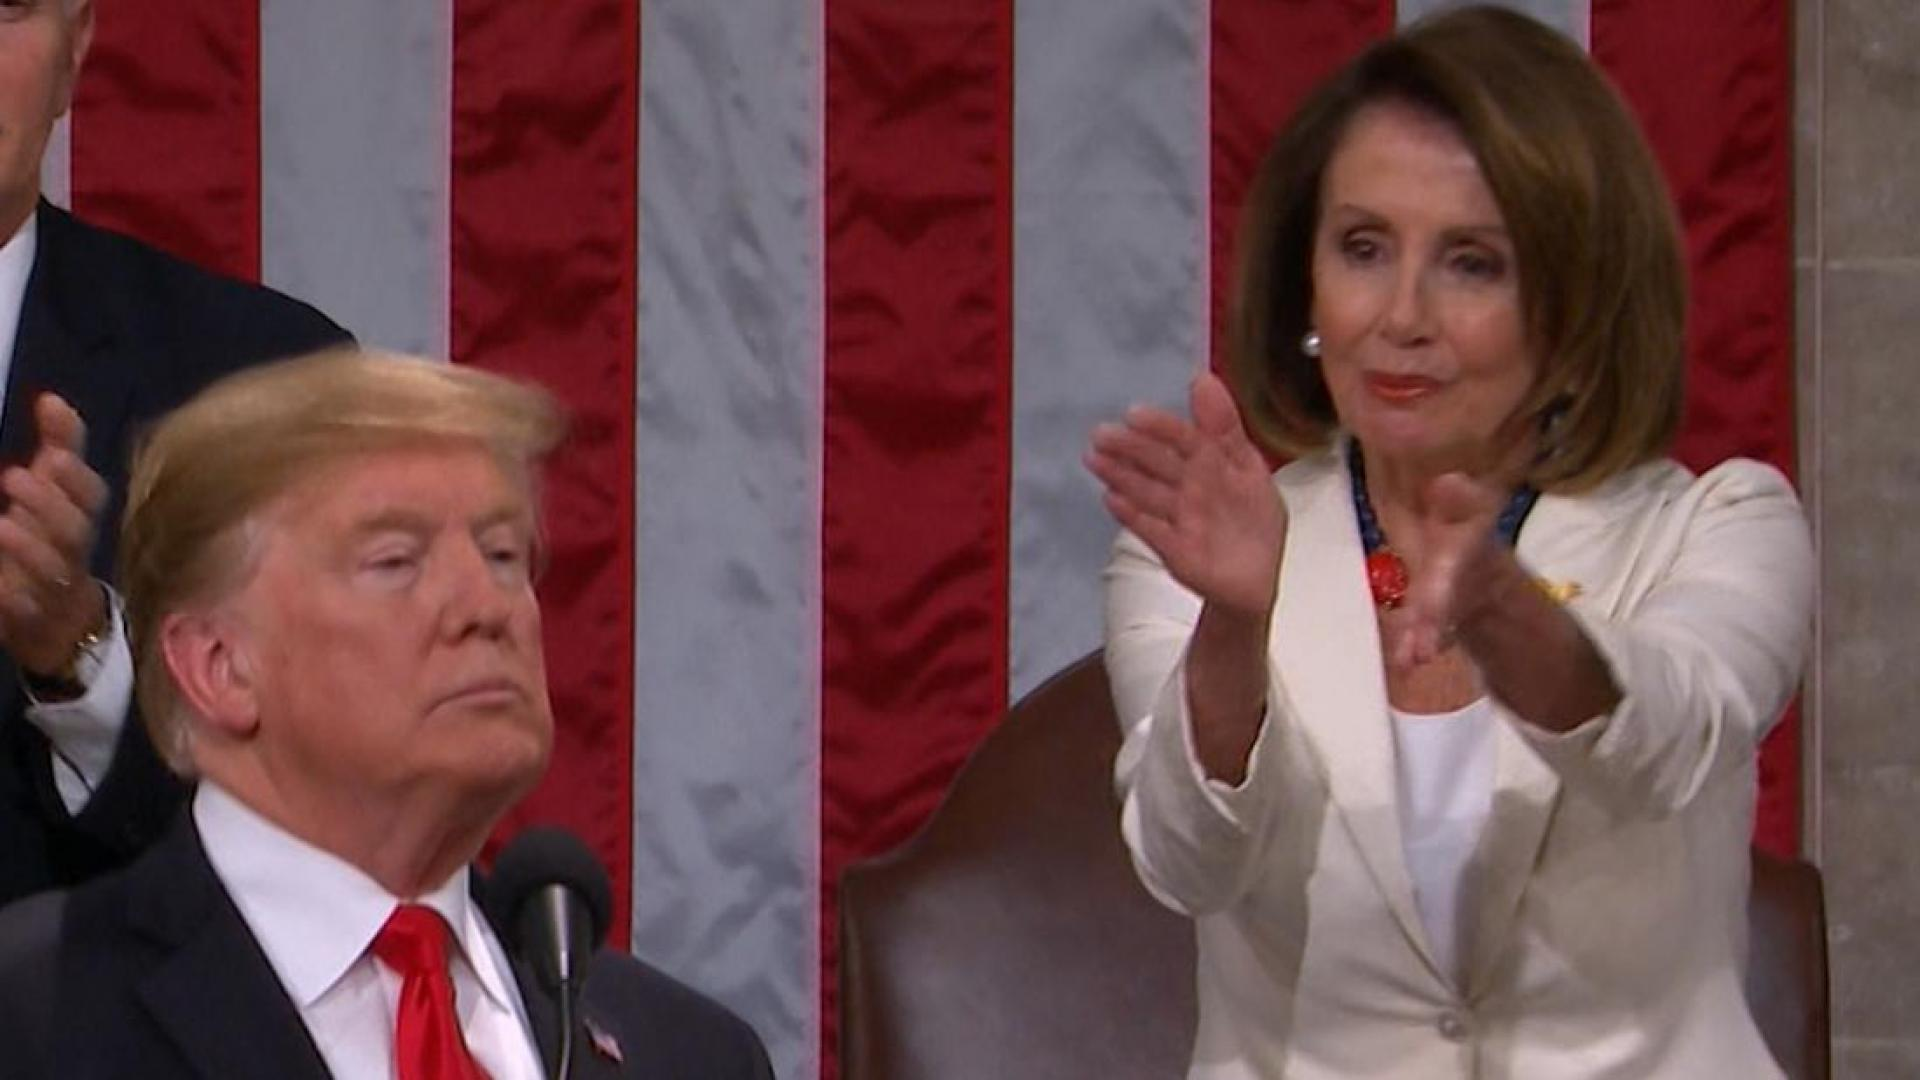 بيلوسي خلف ترامب.. تصفيق ساخر وإيماء بالرأس